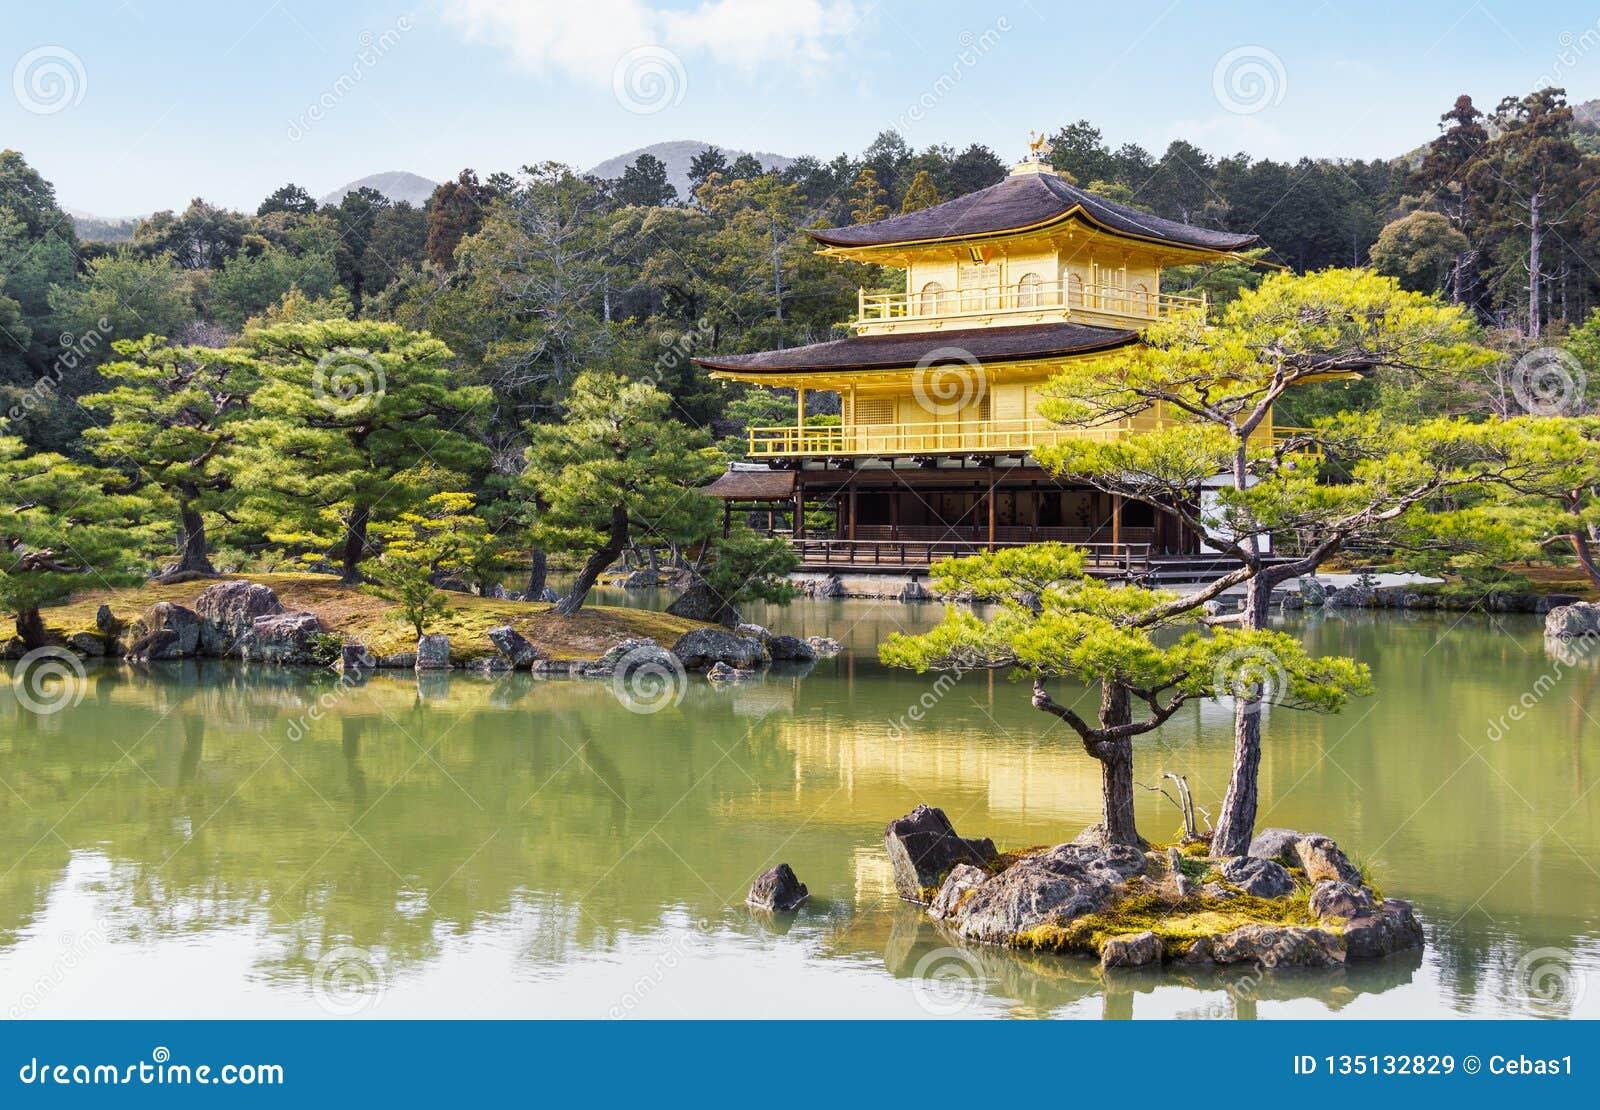 Paesaggio pittoresco del tempio dorato famoso del padiglione a Kyoto Giappone